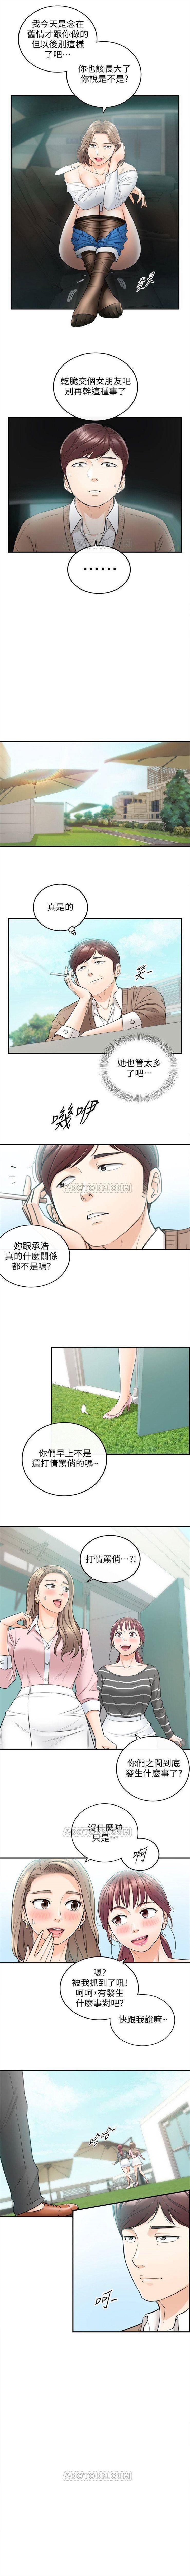 (週5)正妹小主管 1-39 中文翻譯(更新中) 148